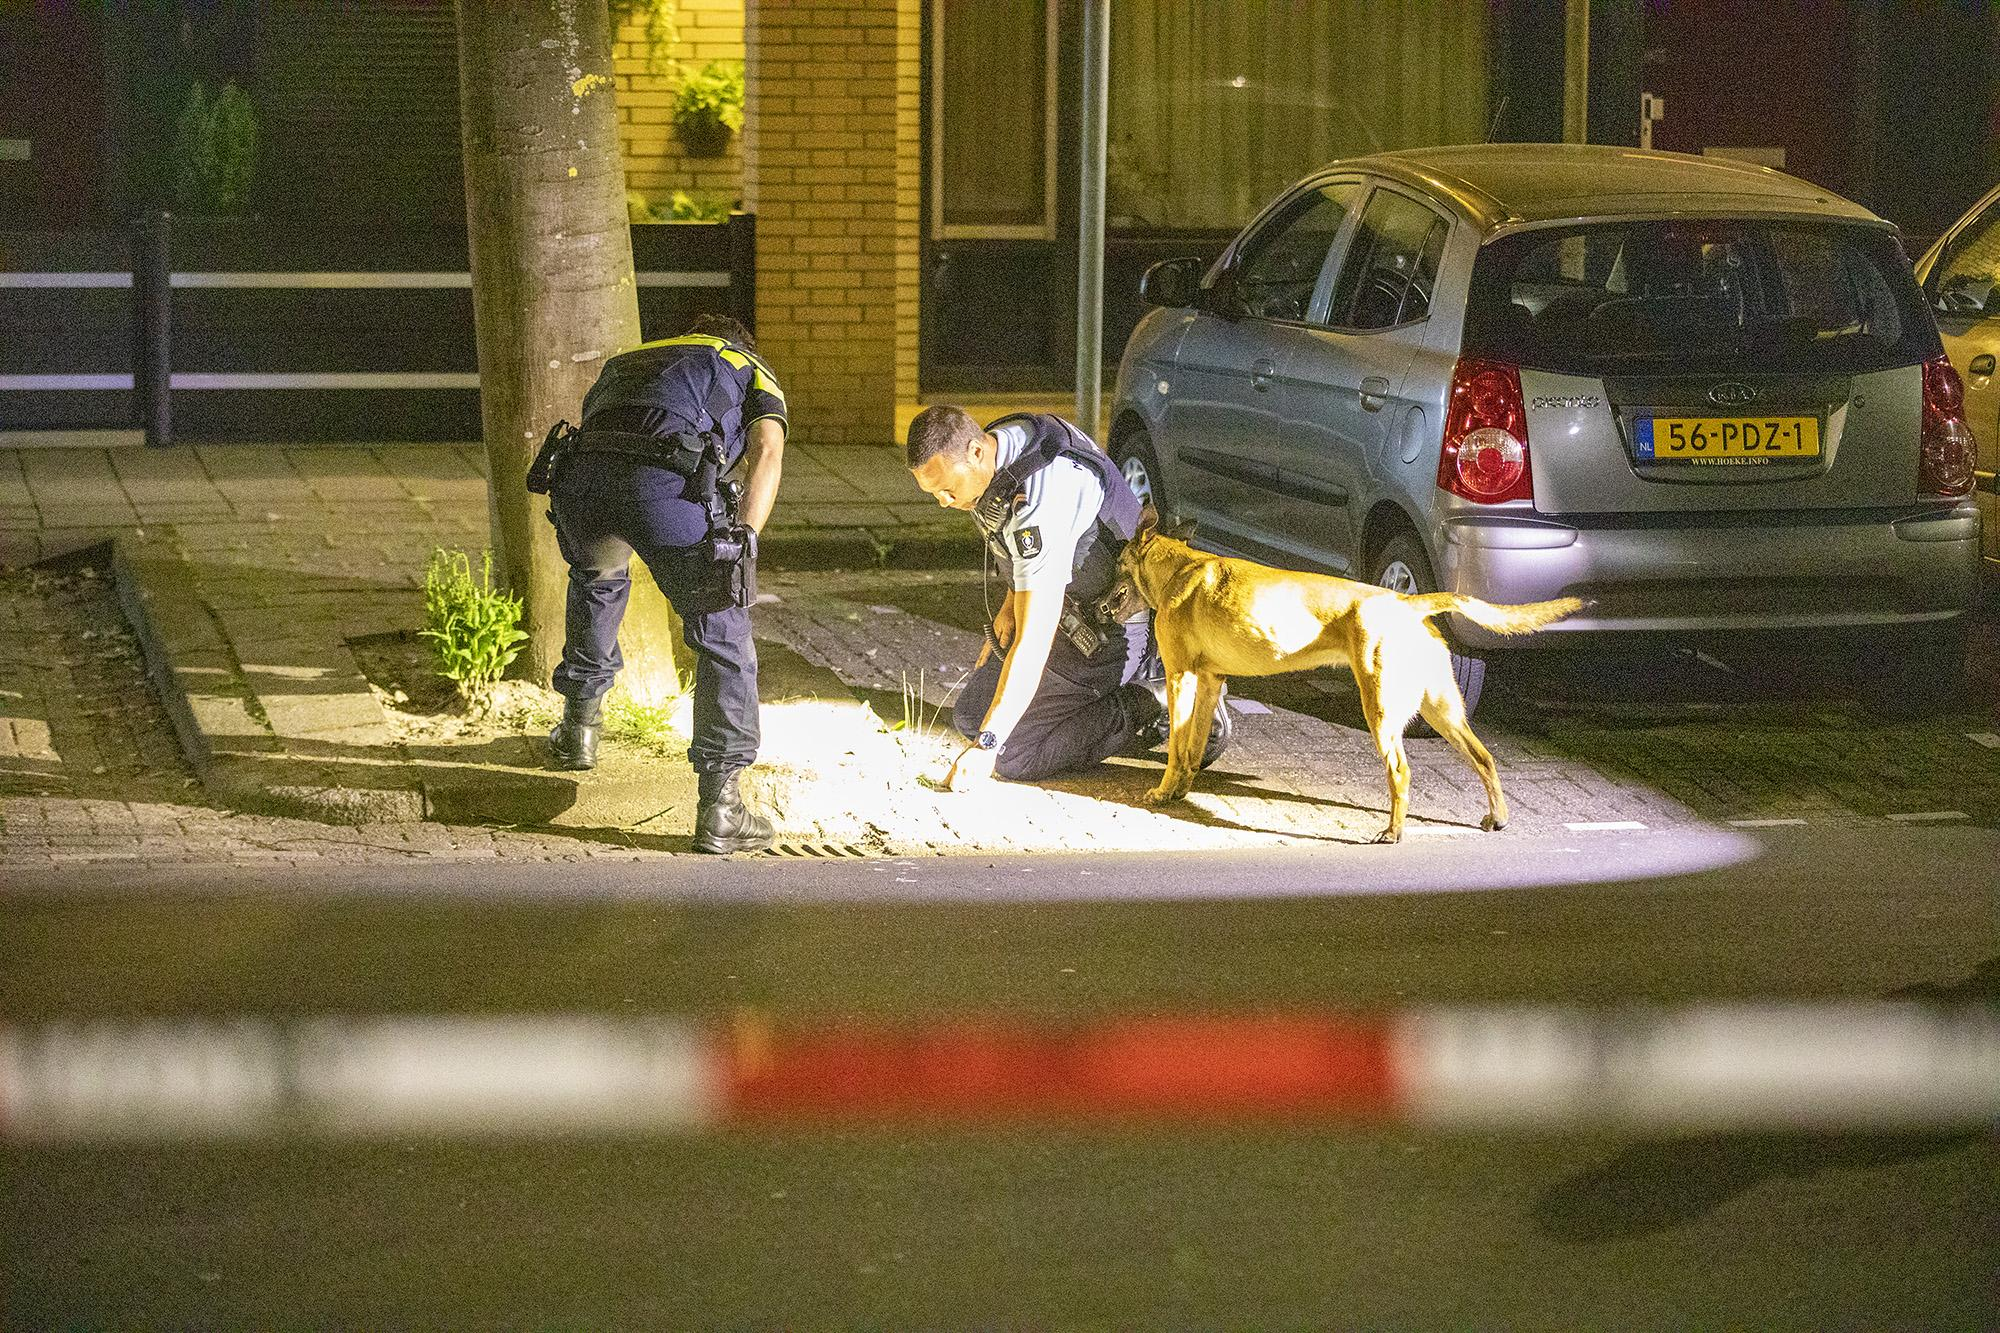 Politie-onderzoek naar mogelijke schietpartij in Hoofddorp